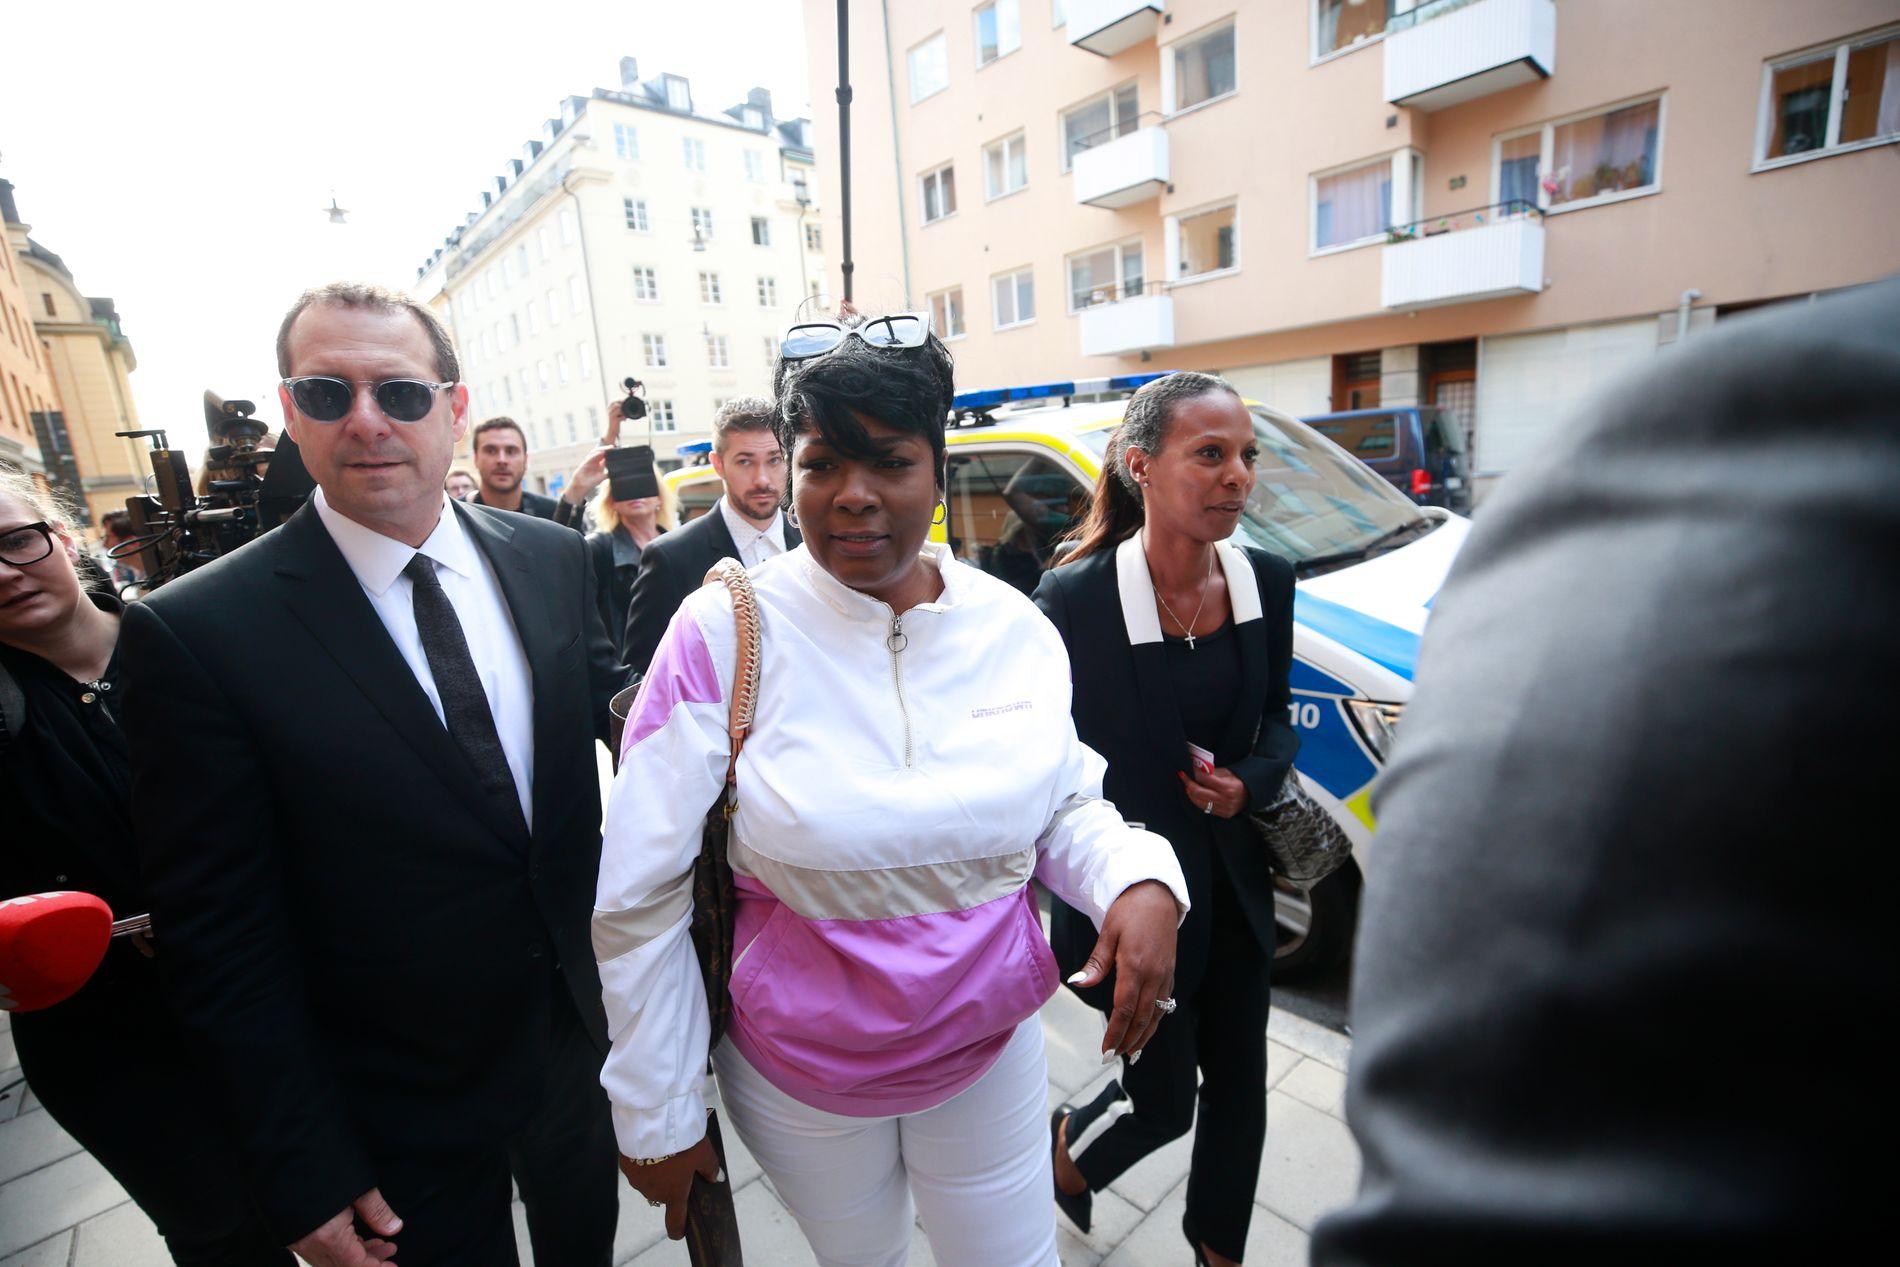 MOREN: Renee Black, rapperens mor, på vei inn til rettssaken. Sønnen er tiltalt for kroppsskade.